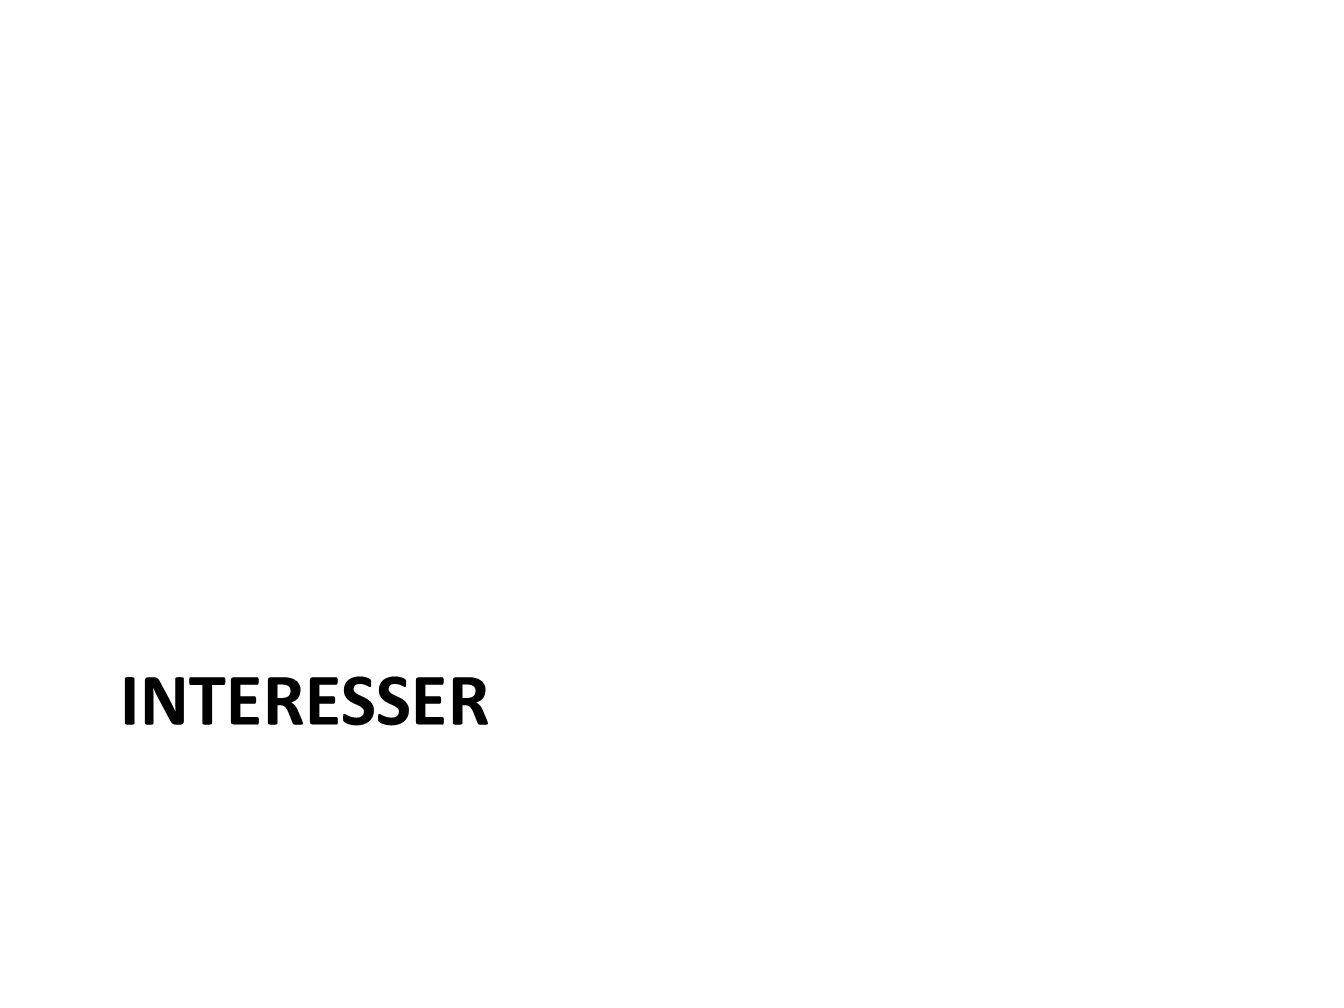 INTERESSER